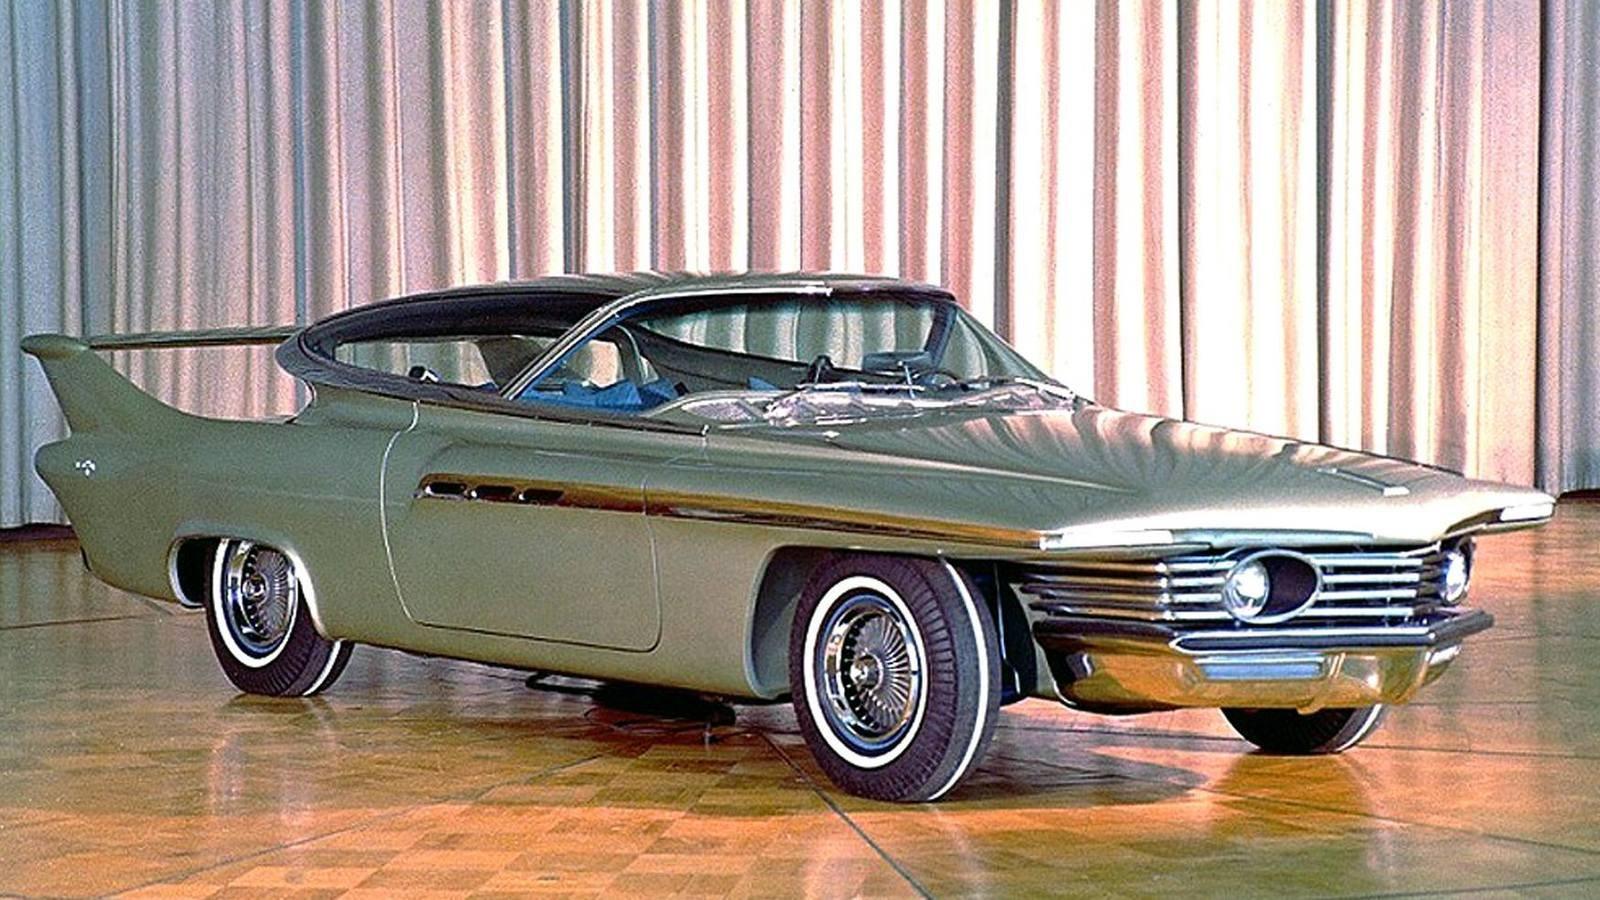 Фото 1. Газотурбинная 100-сильная машина Plymouth Belvedere после завершения пробега «от океана до океана». 1956 годФото 2. Демонстрация автомобиля Plymouth Fury с двигателем CR-2. Слева — изобретатель Джордж Хюбнер. 1959 годФото 3. Газотурбинное купе Dodge Dart-330 Turbo с 140-сильным ГТД CR-2A после пробега вокруг Америки. 1962 годВ начале 60-х исключением из правил стал эффектный шоу-кар Chrysler TurboFlite с экстравагантным кузовом работы итальянской дизайнерской фирмы Ghia и собственным 140-сильным агрегатом CR-2A. Автомобиль выделялся узким клиновидным передком, задними крыльями со связывавшим их антикрылом и широкими боковыми дверями, при открывании которых приподнималась и откидывалась назад солидная конструкция, состоявшая из крыши, лобового и боковых окон.Почти полностью разбиравшаяся для прохода в салон экспериментальная машина TurboFlite с кузовом GhiaВ 1960-е самым удачным и наиболее перспективным газотурбинным легковым автомобилем считался двухдверный седан Chrysler Turbine, построенный достаточно крупной партией из 50 машин. Интересно, что для оценки будущего спроса их бесплатно раздавали избранным клиентам и рядовым американским автомобилистам, каждый из которых мог бесплатно пользоваться такой машиной в течение трех месяцев и затем высказать свое мнение. Одновременно их демонстрировали во многих штатах Америки и за рубежом.Сборка легковых автомобилей Chrysler Turbine на новом заводе в Челси, штат МичиганТест-драйв газотурбинной машины Chrysler Turbine на холмистой местности. 1963 годПривлекательный и комфортный четырехместный кузов с виниловой крышей собирала итальянская фирма Ghia и отравляла его в Америку. Передняя часть автомобилей напоминала воздухозаборники реактивных самолетов, задок был похож на сопла авиационных турбин, а яркий и богато оформленный красно-оранжевый салон, напоминавший самые дорогие и роскошные лимузины, почему-то не имел кондиционера. В подкапотном пространстве умещался модернизированный ГТД А-831 мощностью 130 л.с., весивши